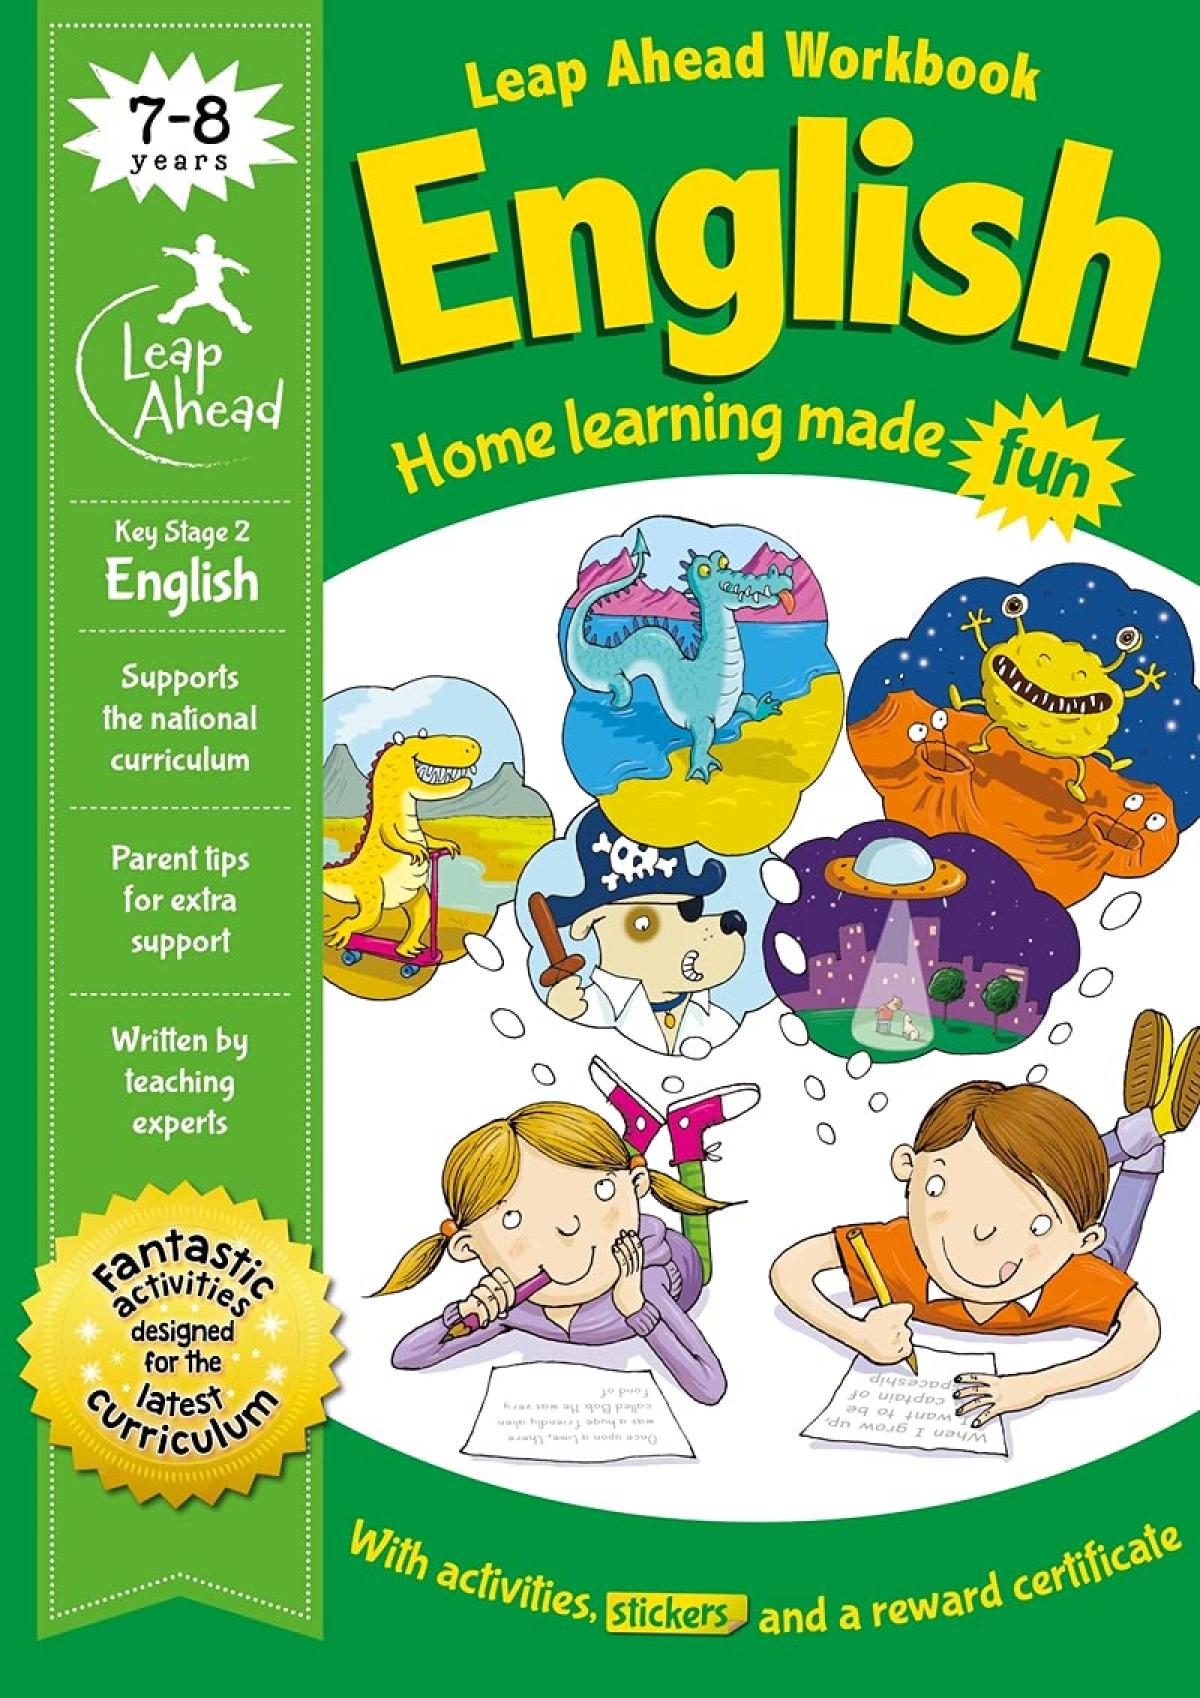 Leap Ahead: 7-8 Years English